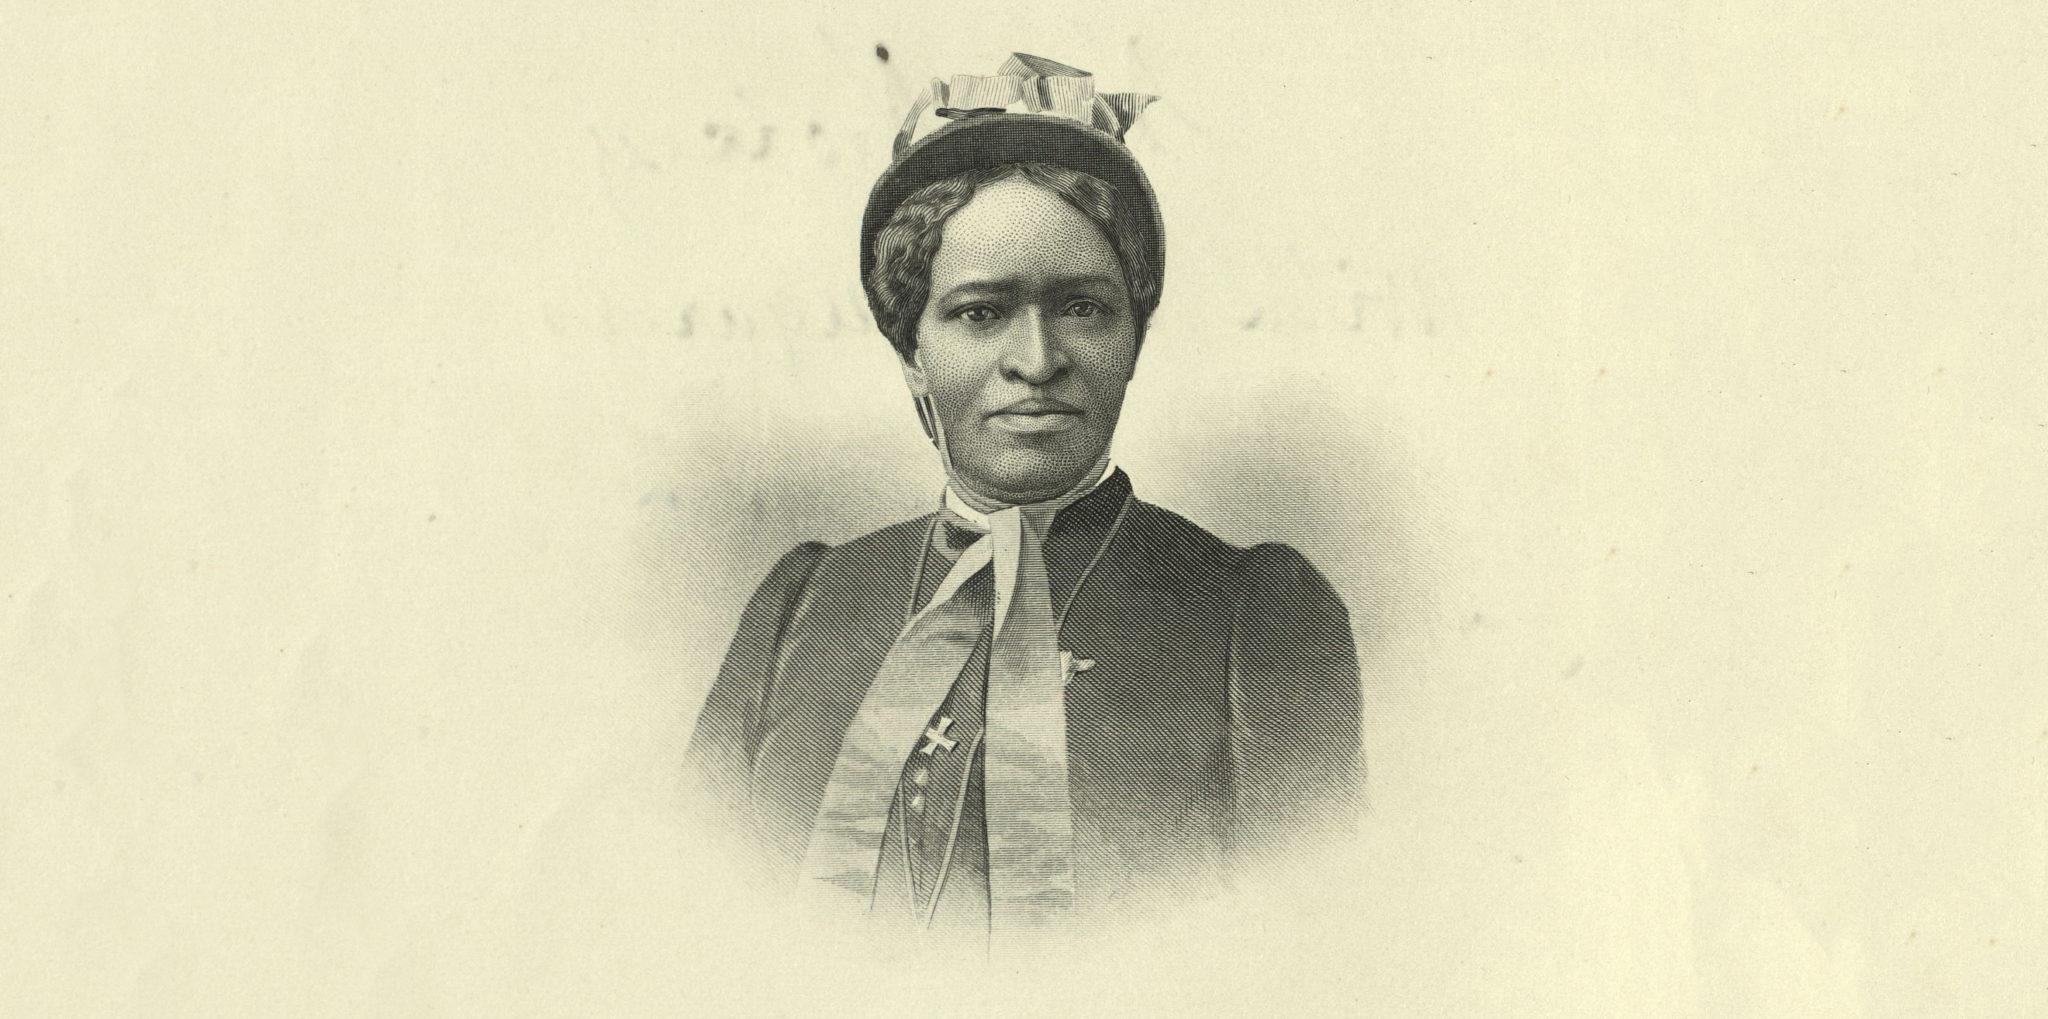 Amanda Smith portrait enlarged